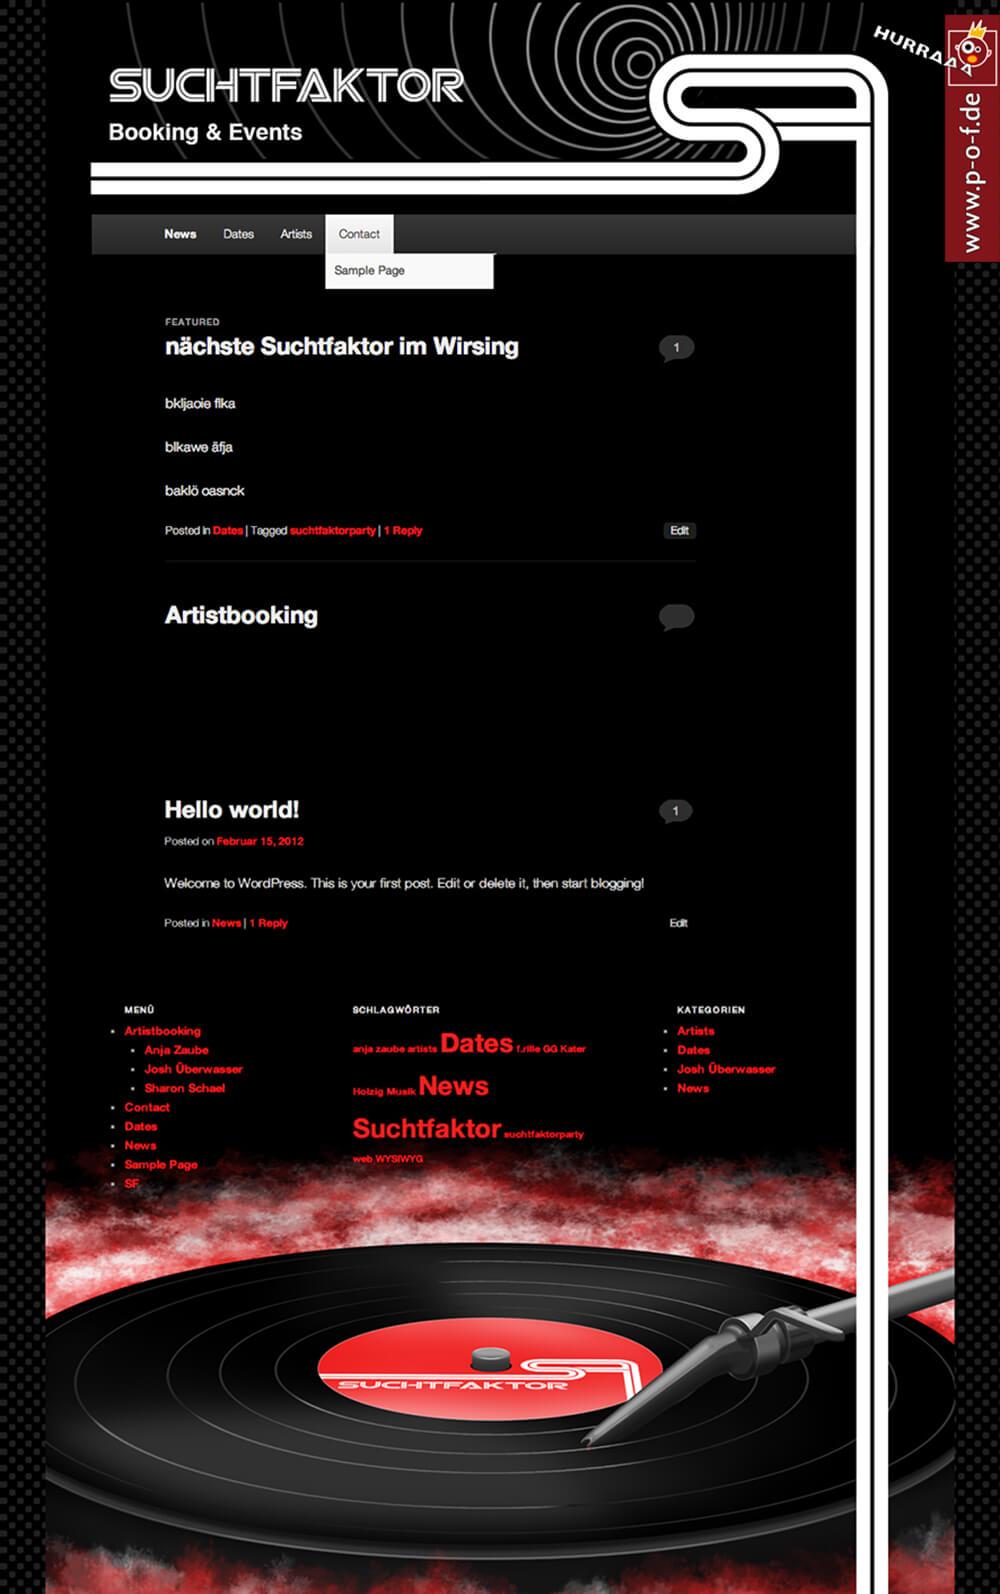 Web-Auftritt für Suchtfaktor / DJ-Zusammenschluss